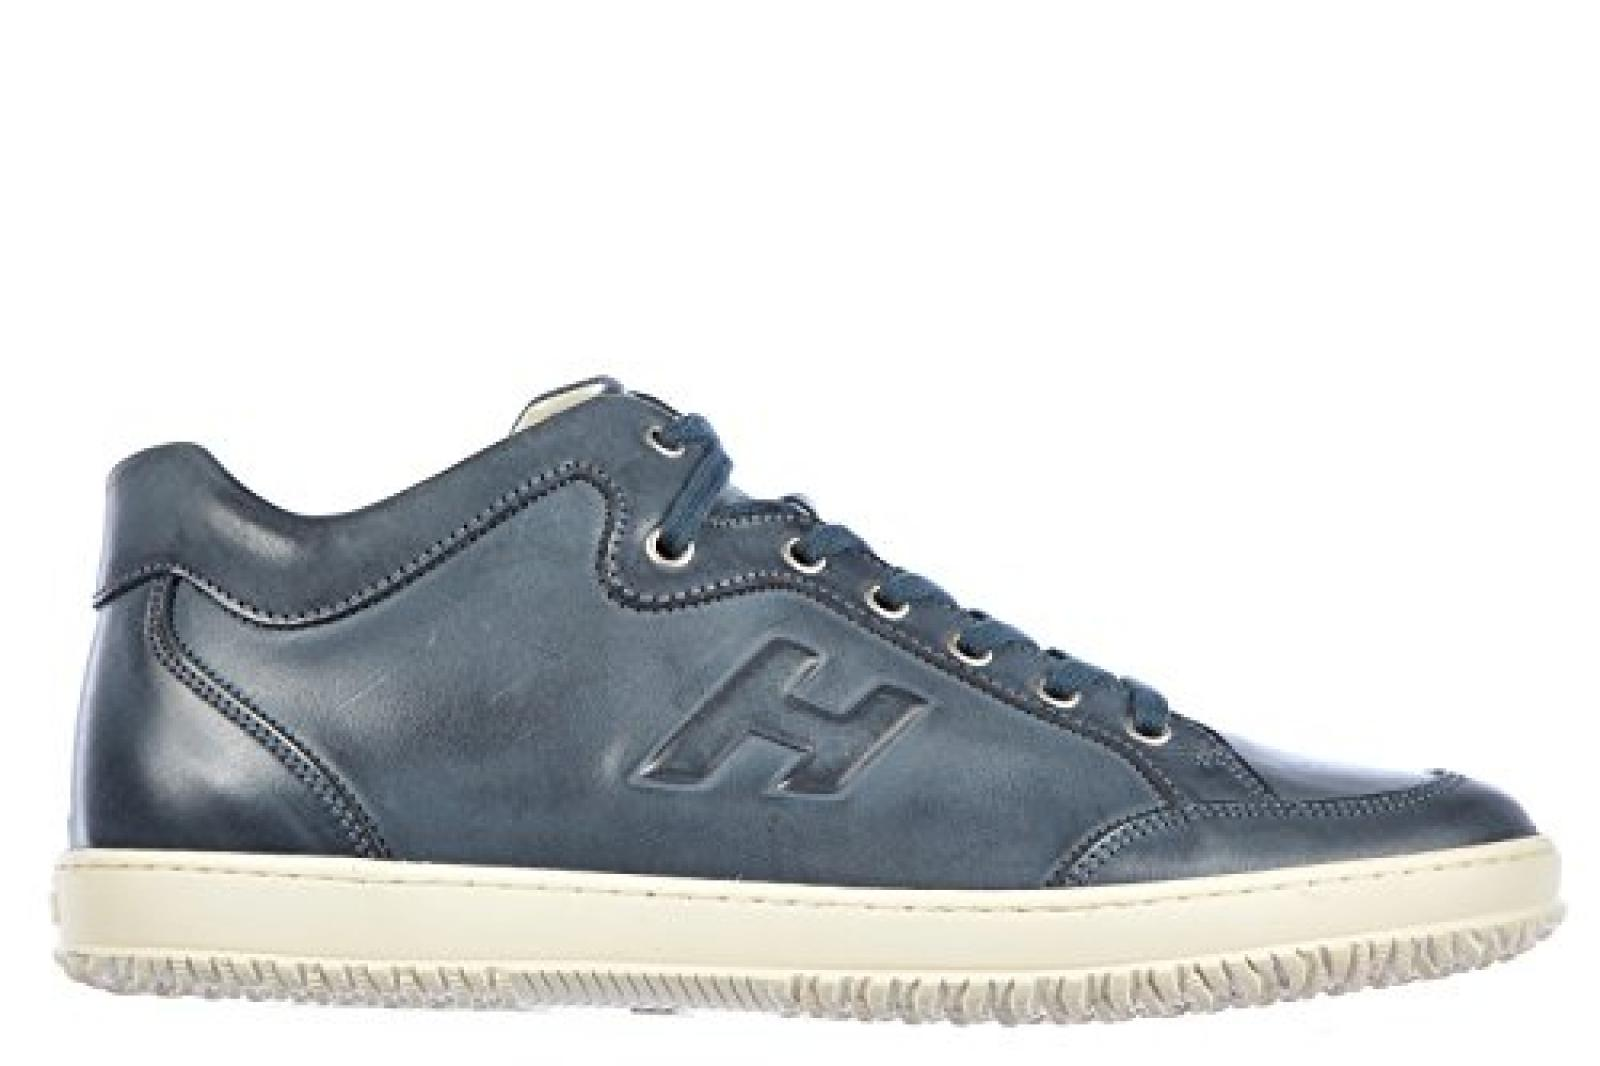 Hogan Herrenschuhe Herren Leder Schuhe Sneakers h168 mid cut blu